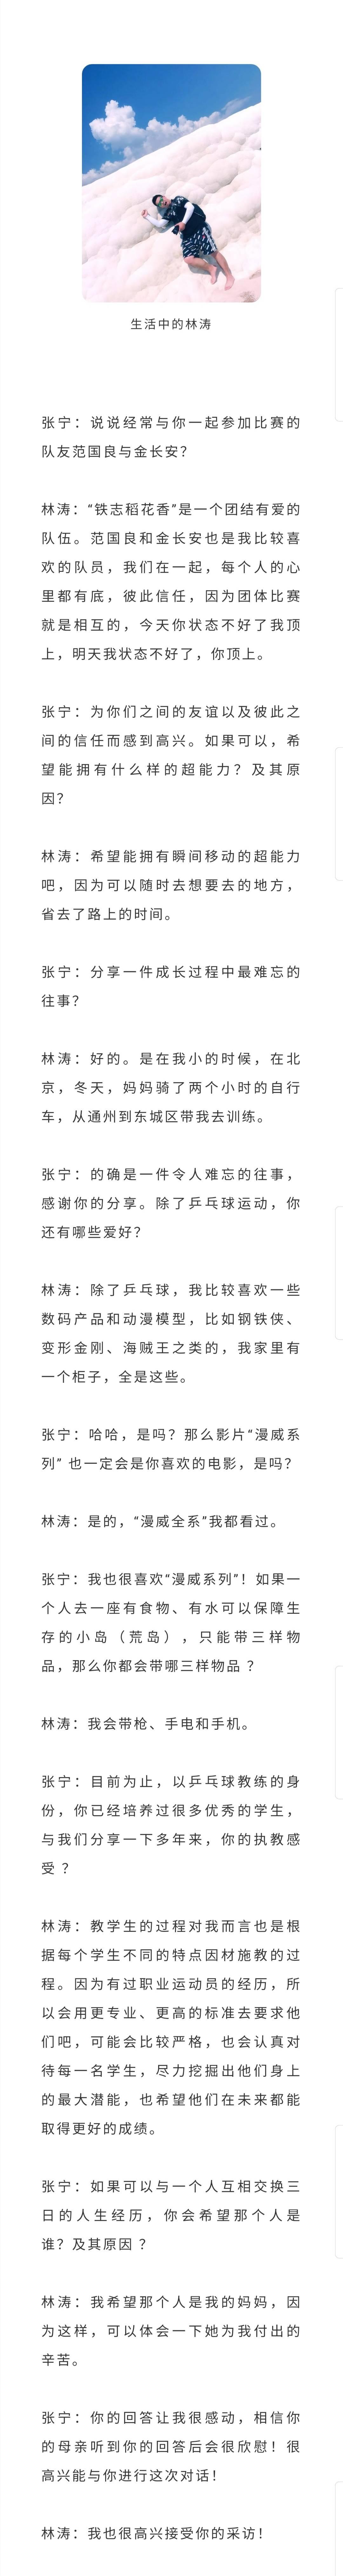 爱体育官方网站: 林涛:做最好的自己 前辽宁省乒乓球队队员 对话乒坛人(图4)